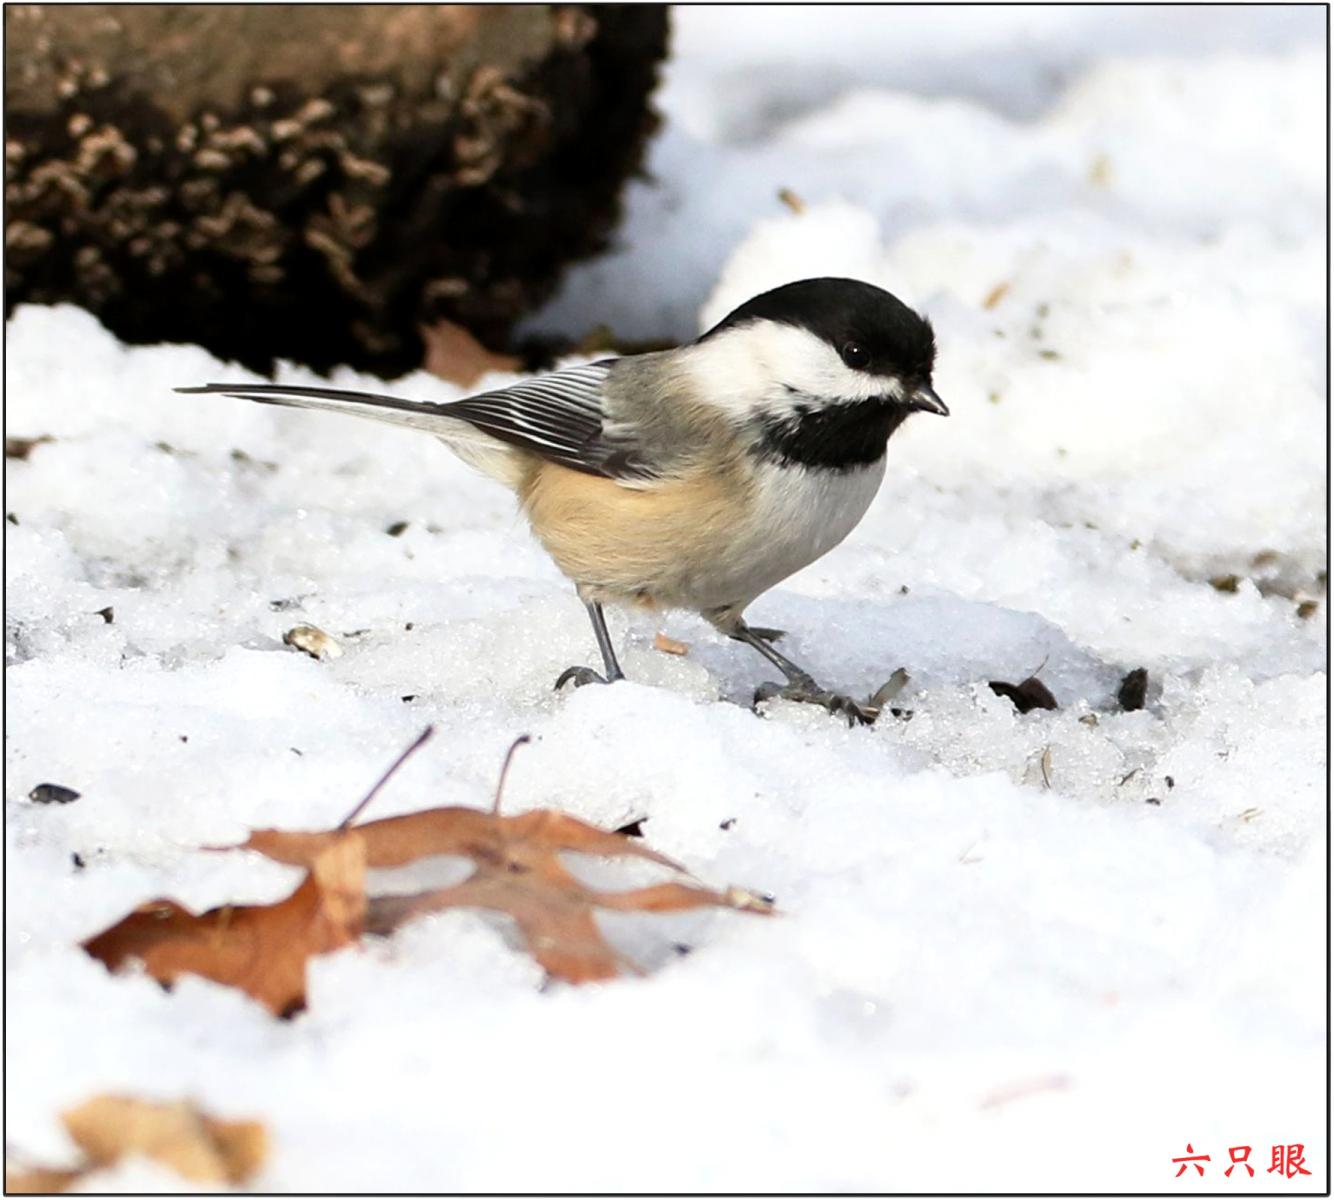 六只眼:雪中小鸟觅食忙_图1-8